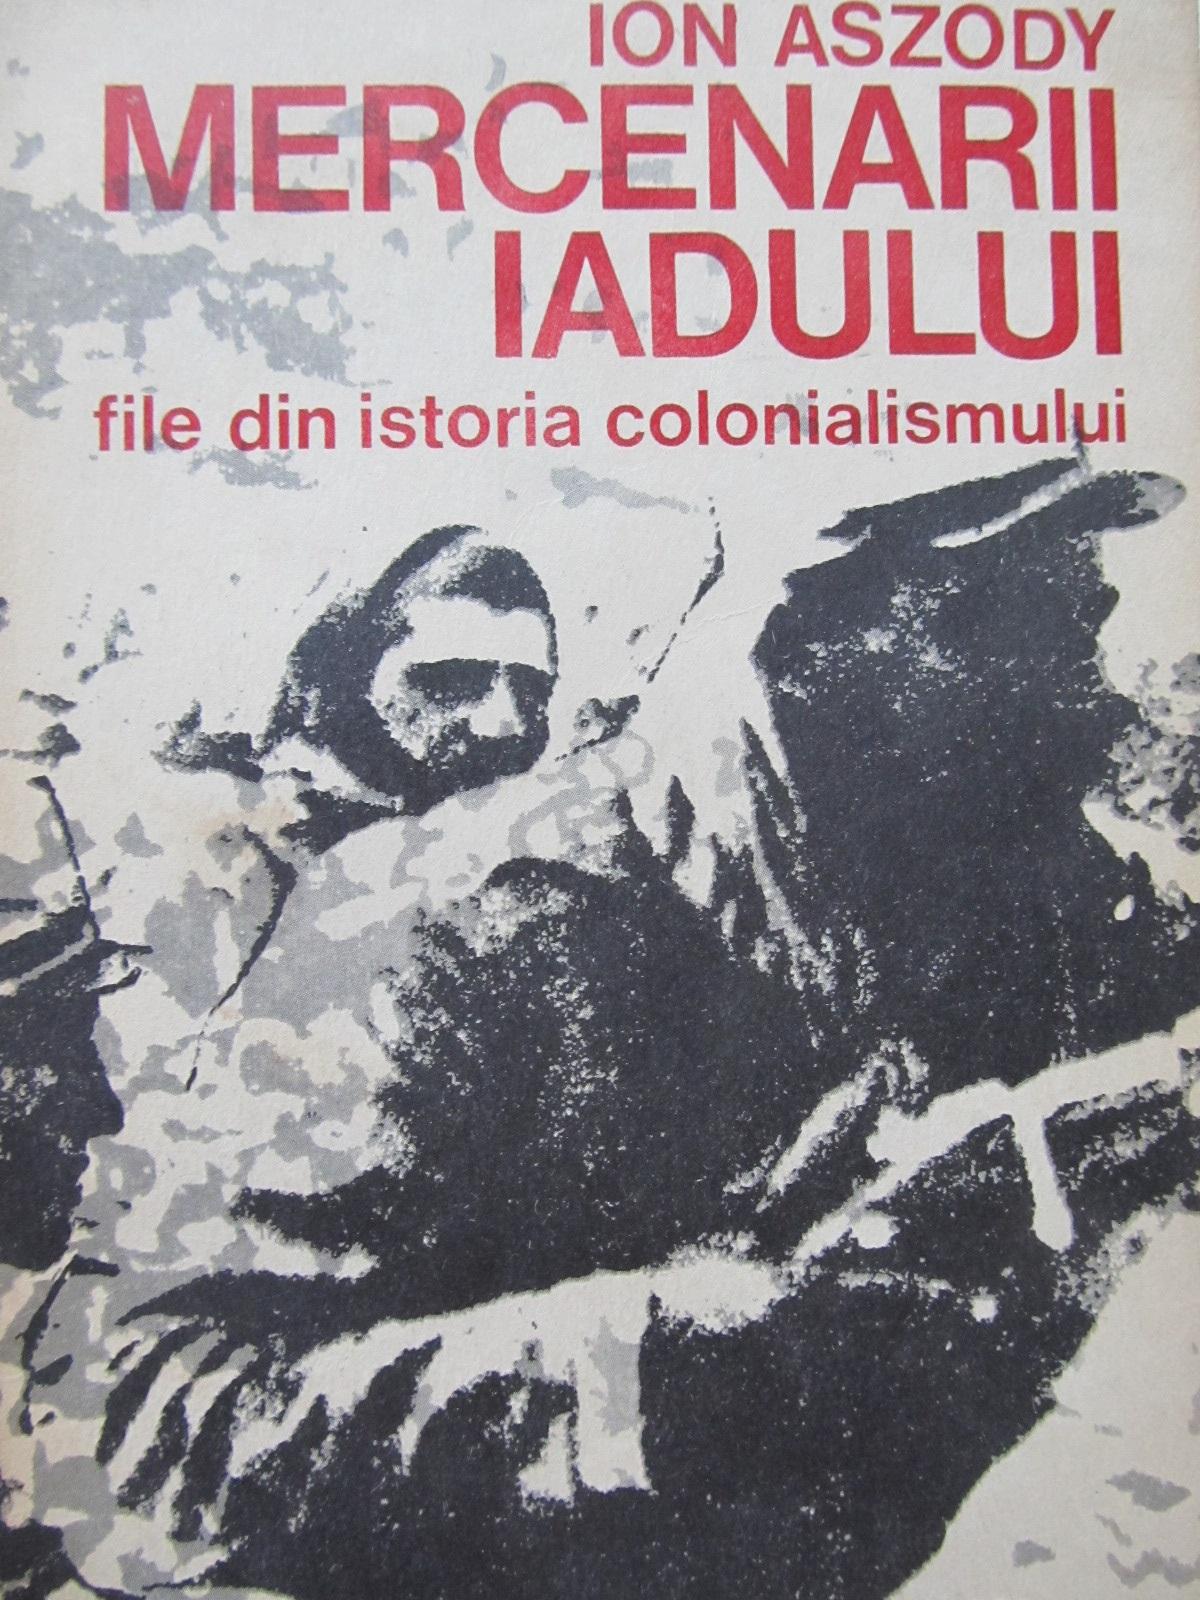 Mercenarii iadului - File din istoria colonialismului - Ion Aszody | Detalii carte